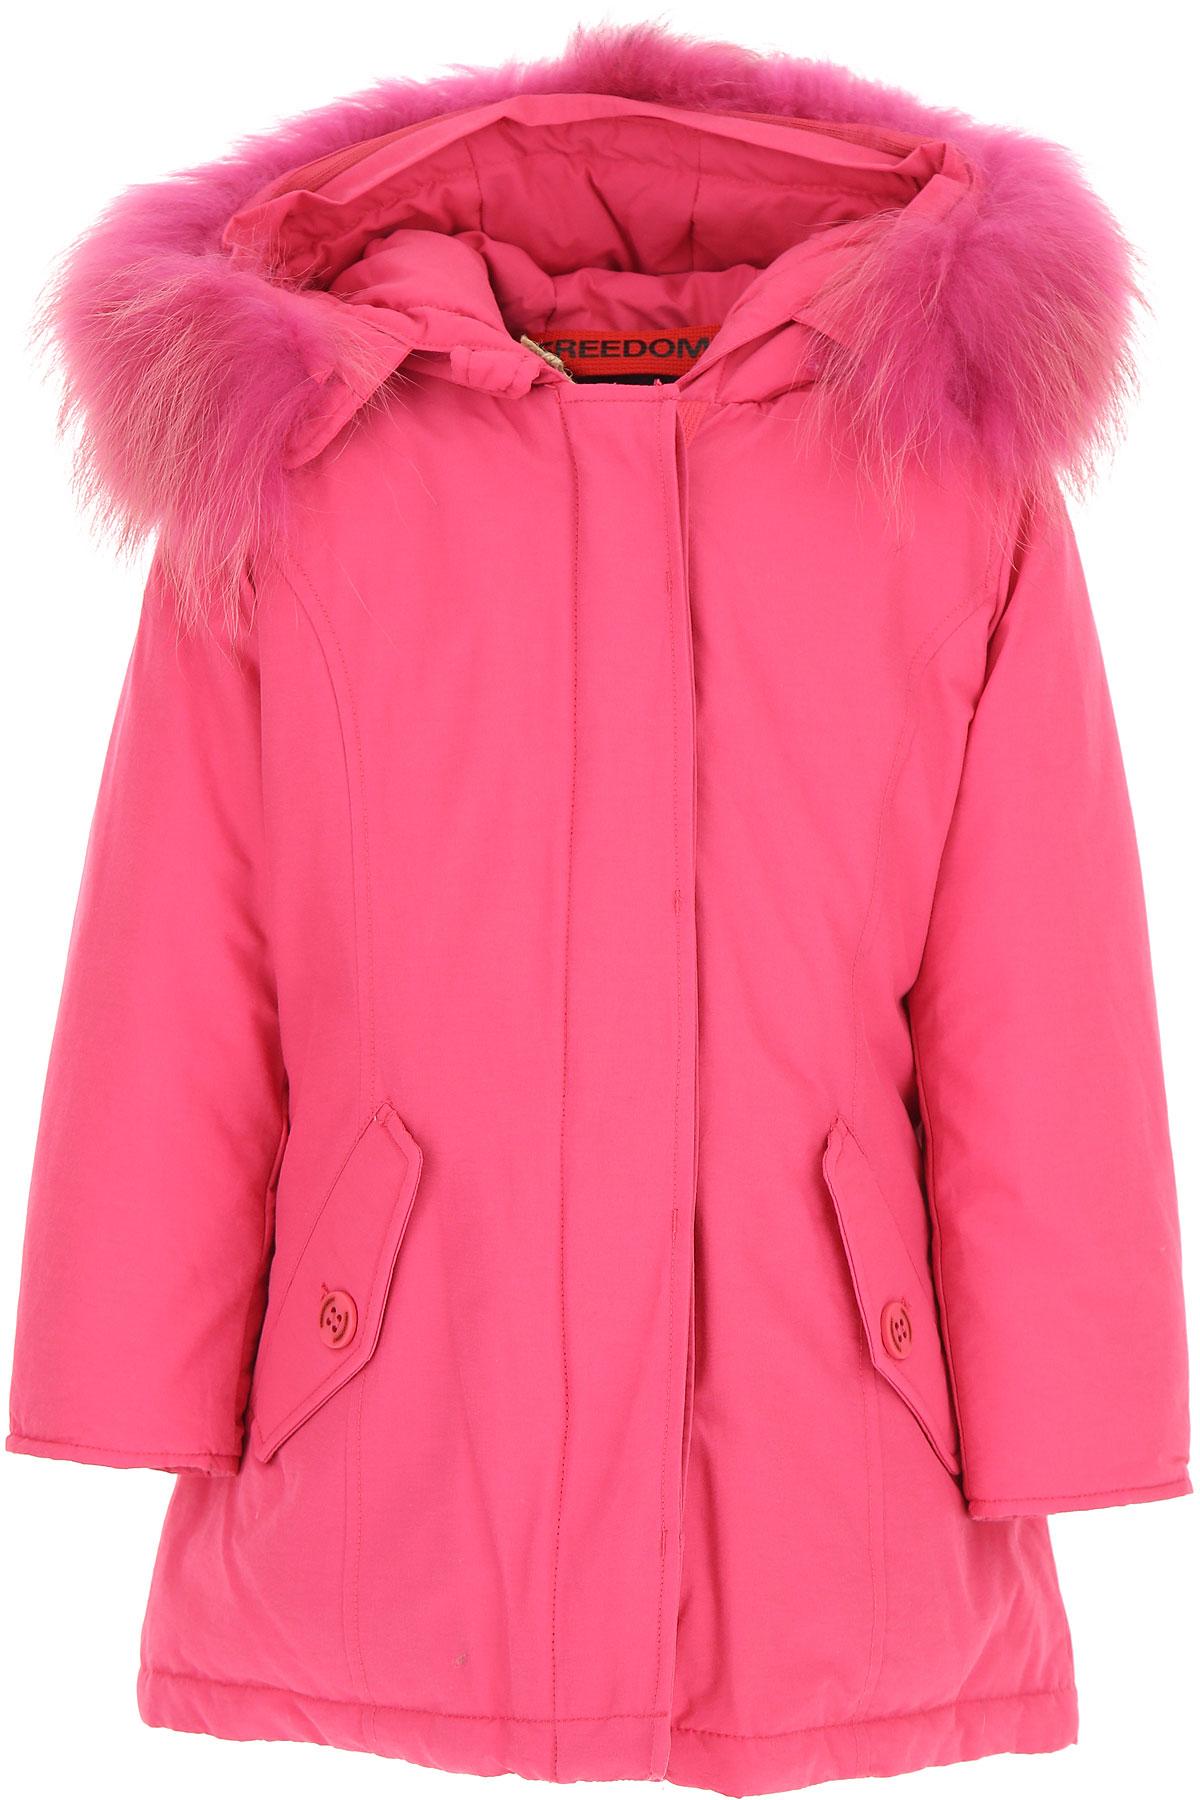 Image of Freedomday Girls Down Jacket for Kids, Puffer Ski Jacket, fuxia, Cotton, 2017, 10Y 2Y 4Y 6Y 8Y